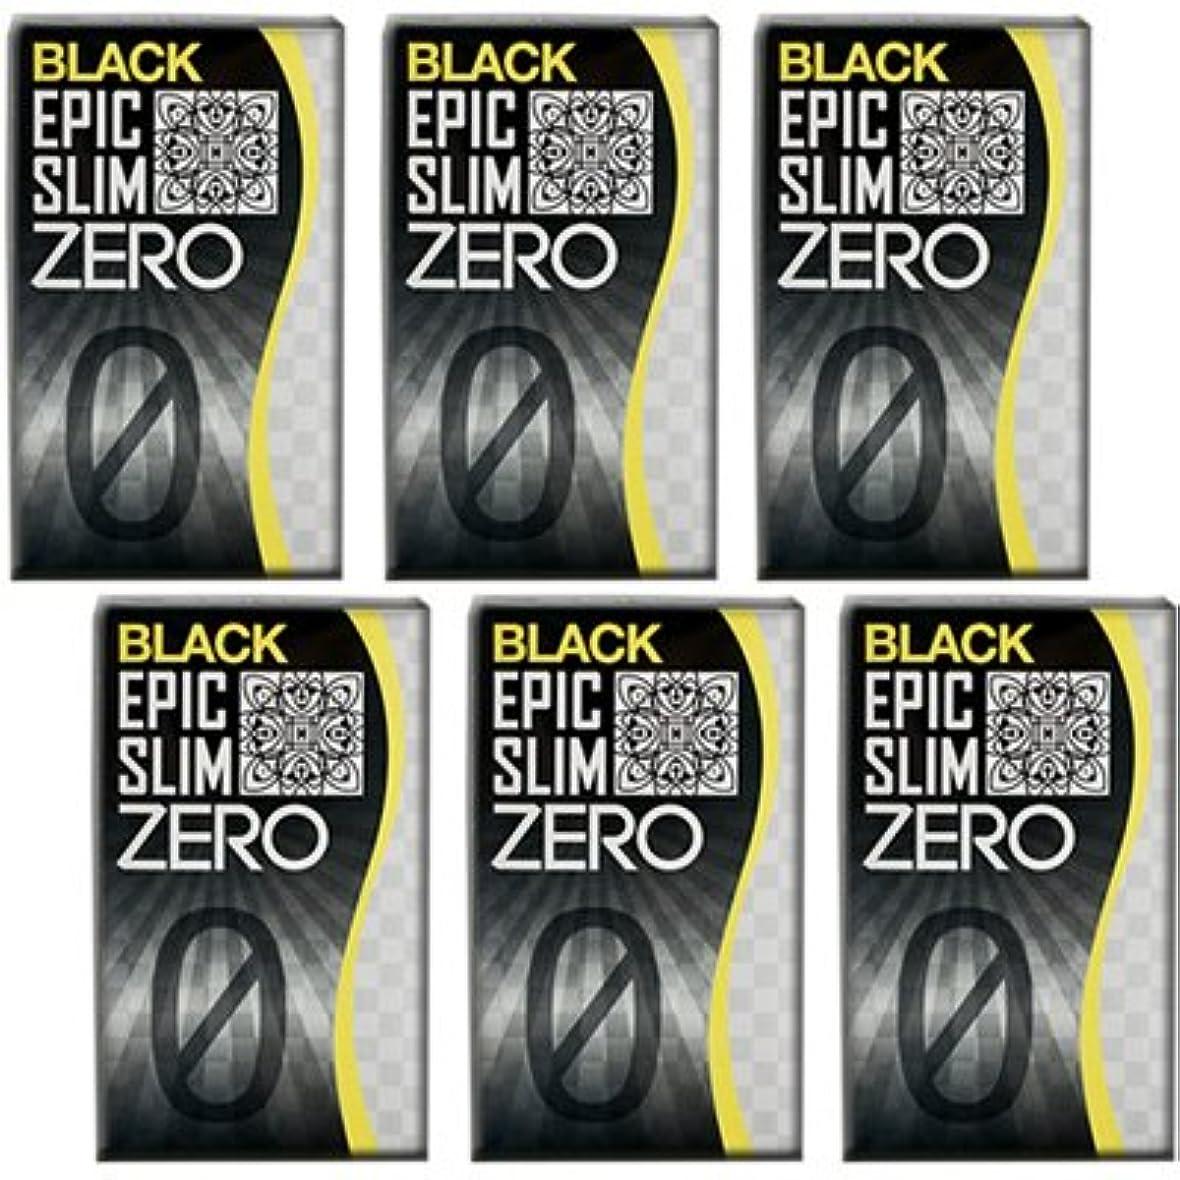 アブストラクト姓衝突するブラック エピックスリム ゼロ ブラック 6個セット!  Epic Slim ZERO BLACK ×6個